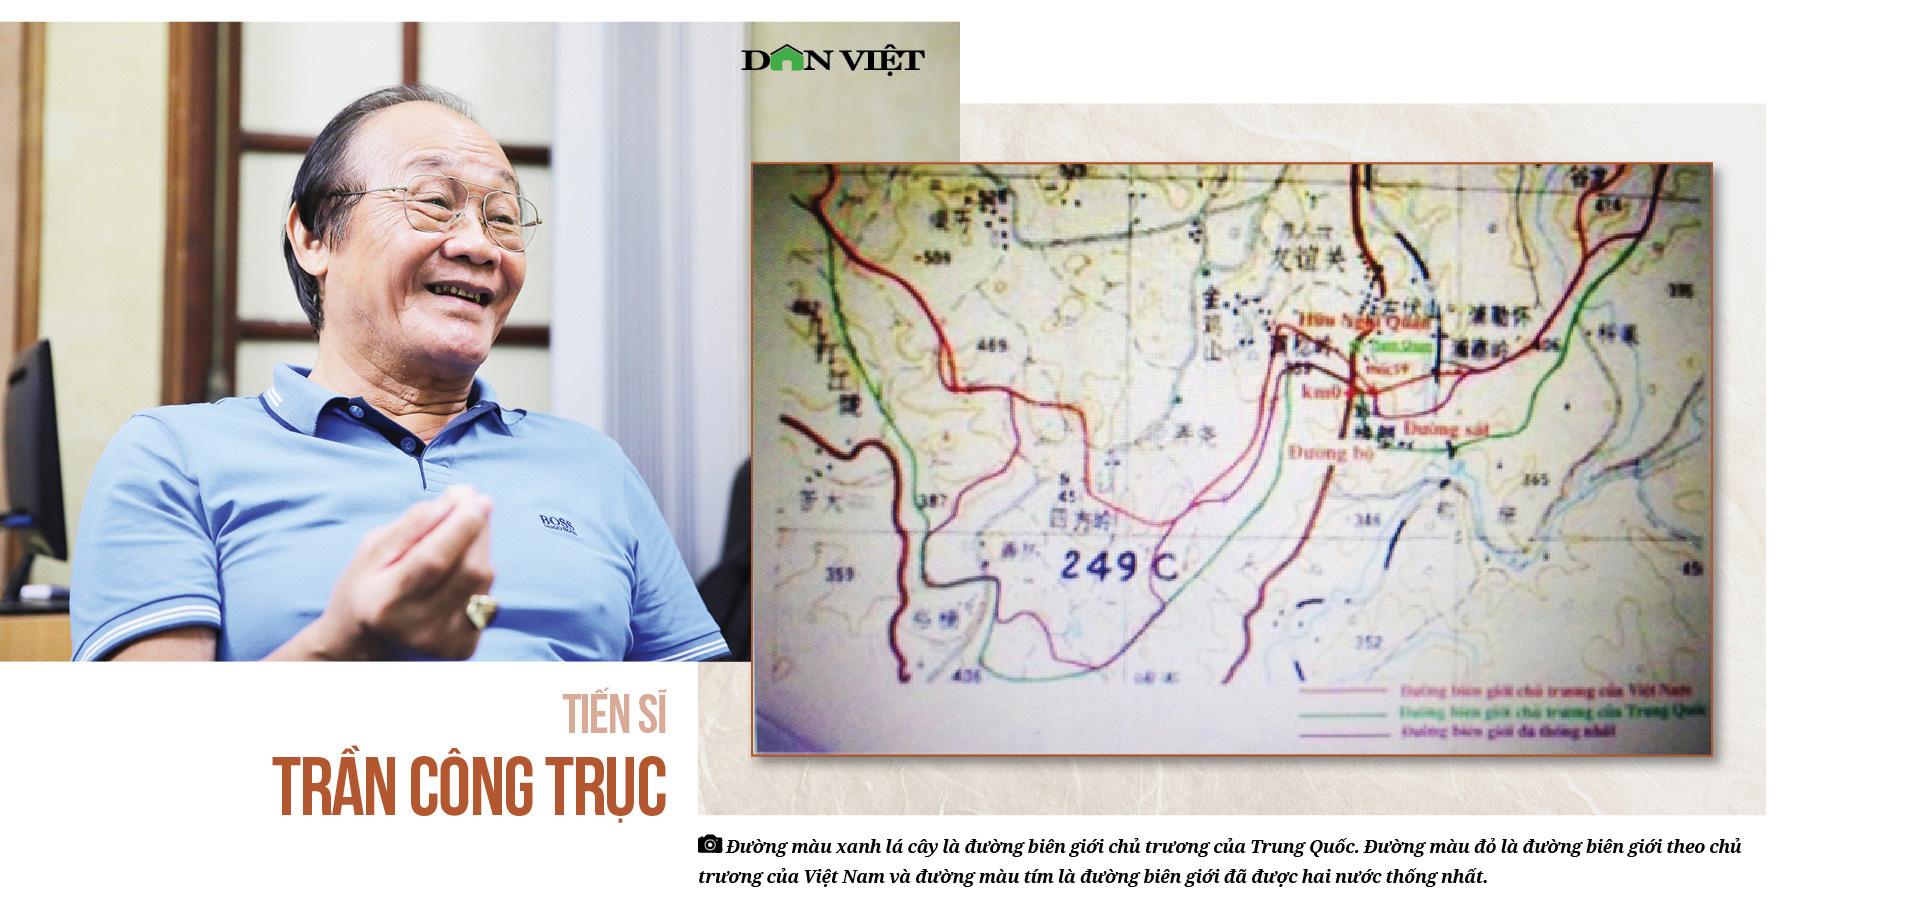 """Tiến sĩ Trần Công Trục: """"Không có chuyện Việt Nam bán đất, bán thác cho Trung Quốc"""" - Ảnh 10."""